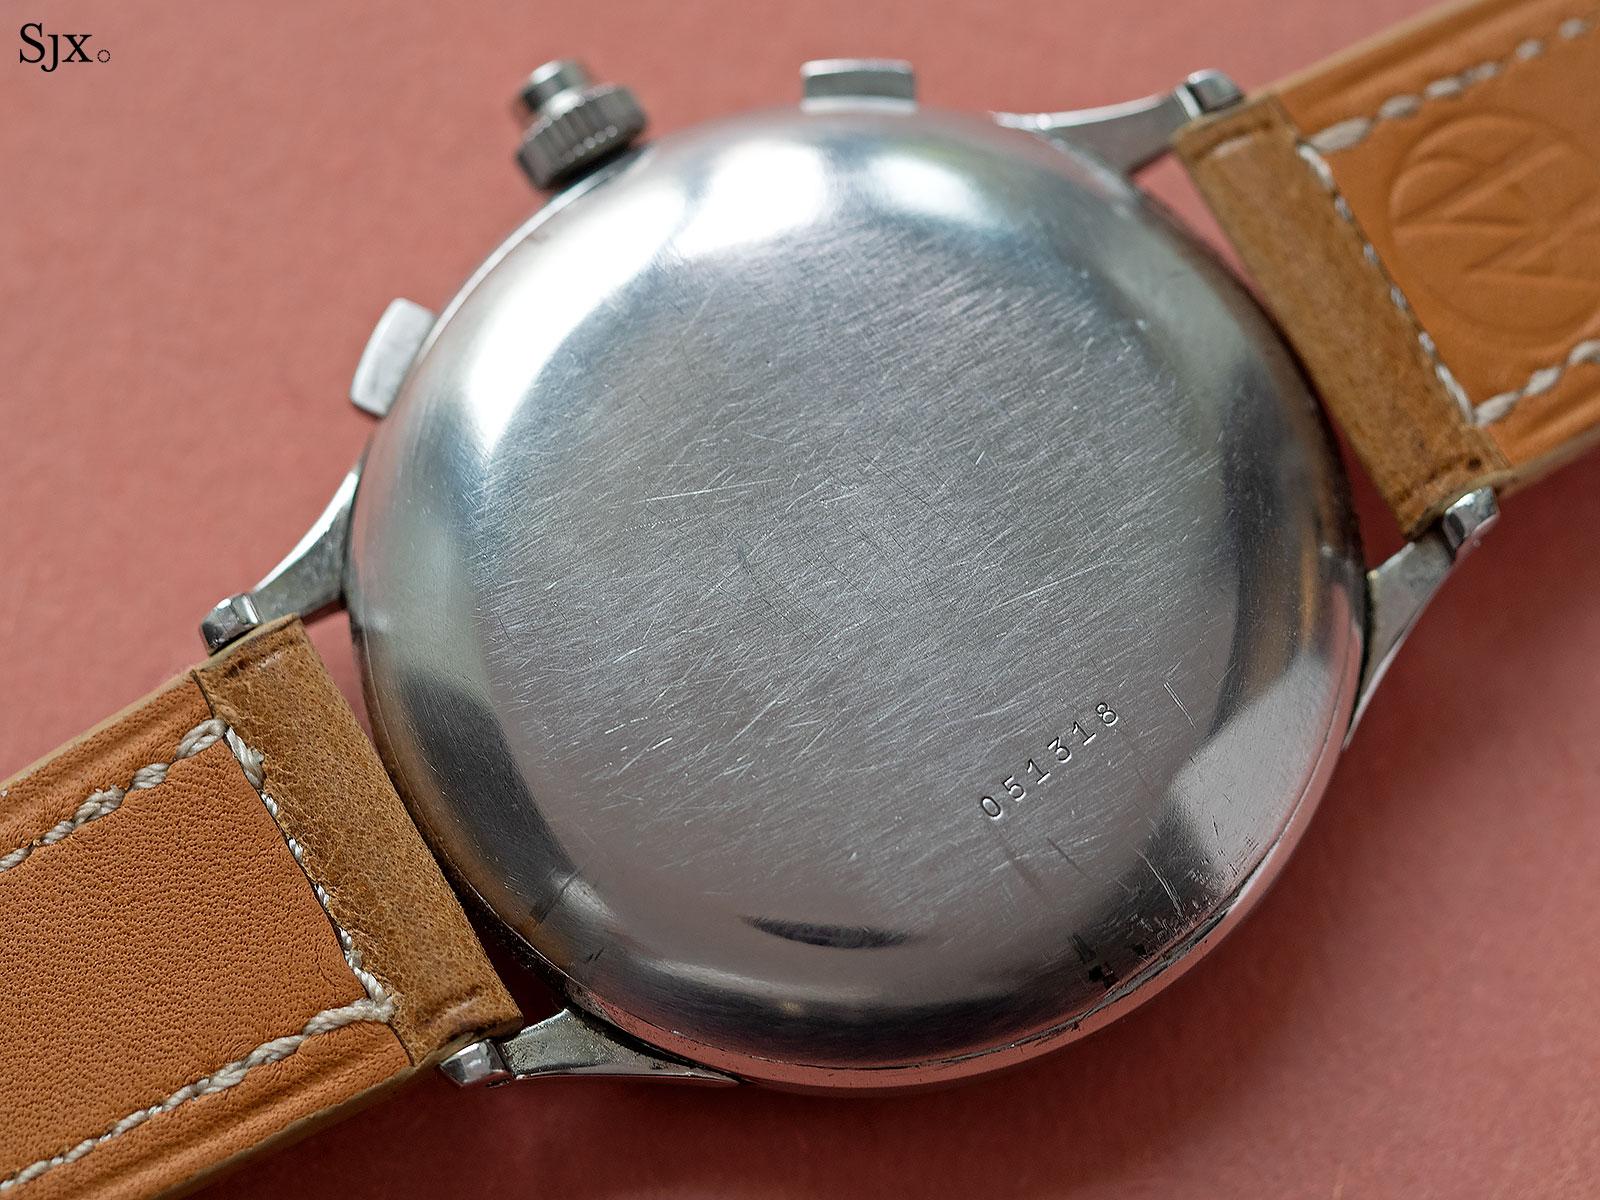 Rolex 4113 split seconds chronograph 5